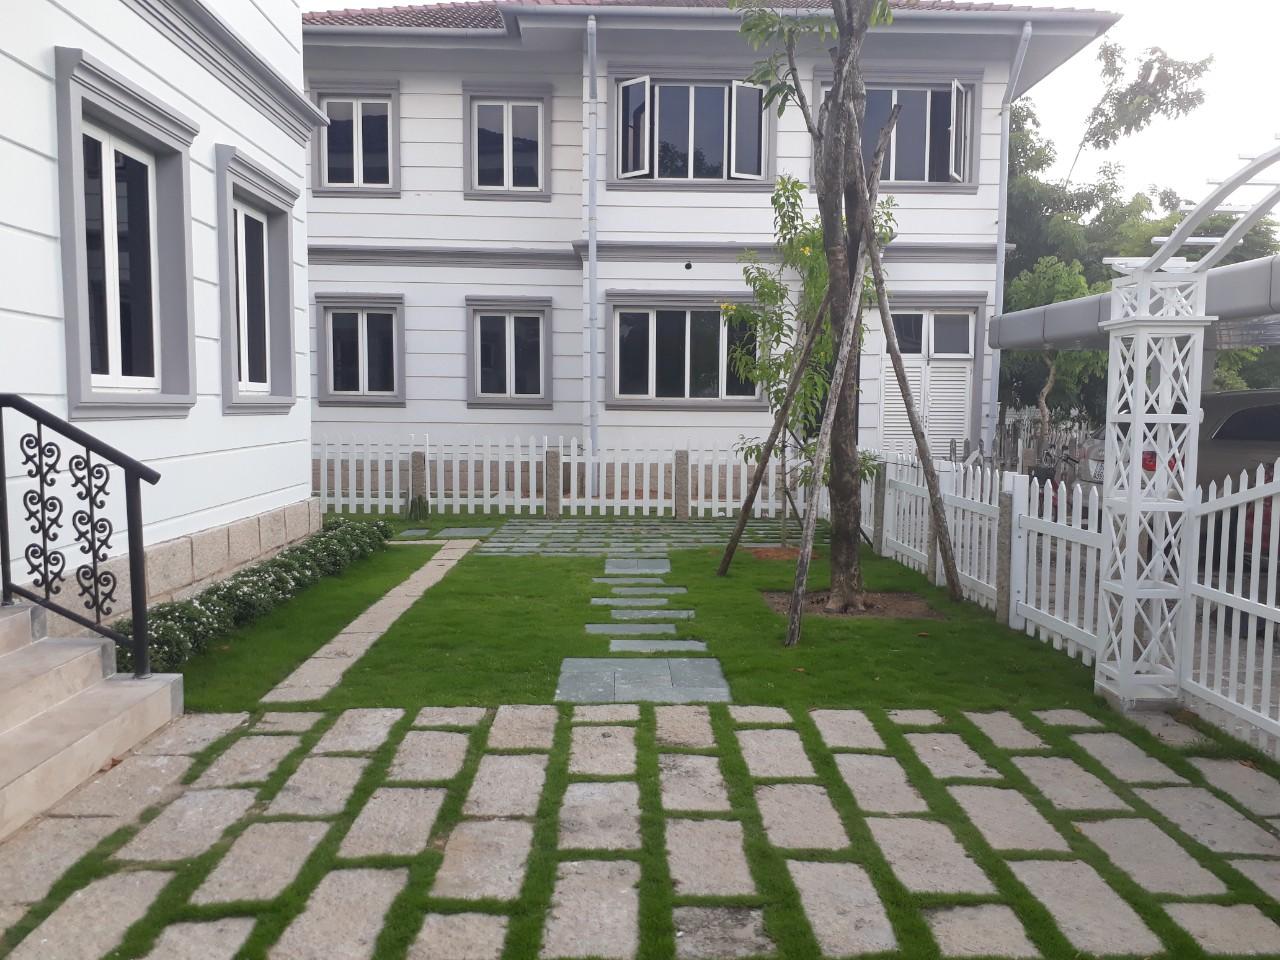 Thiết kế, thi công cảnh quan sân vườn Garden home Thủ Đức